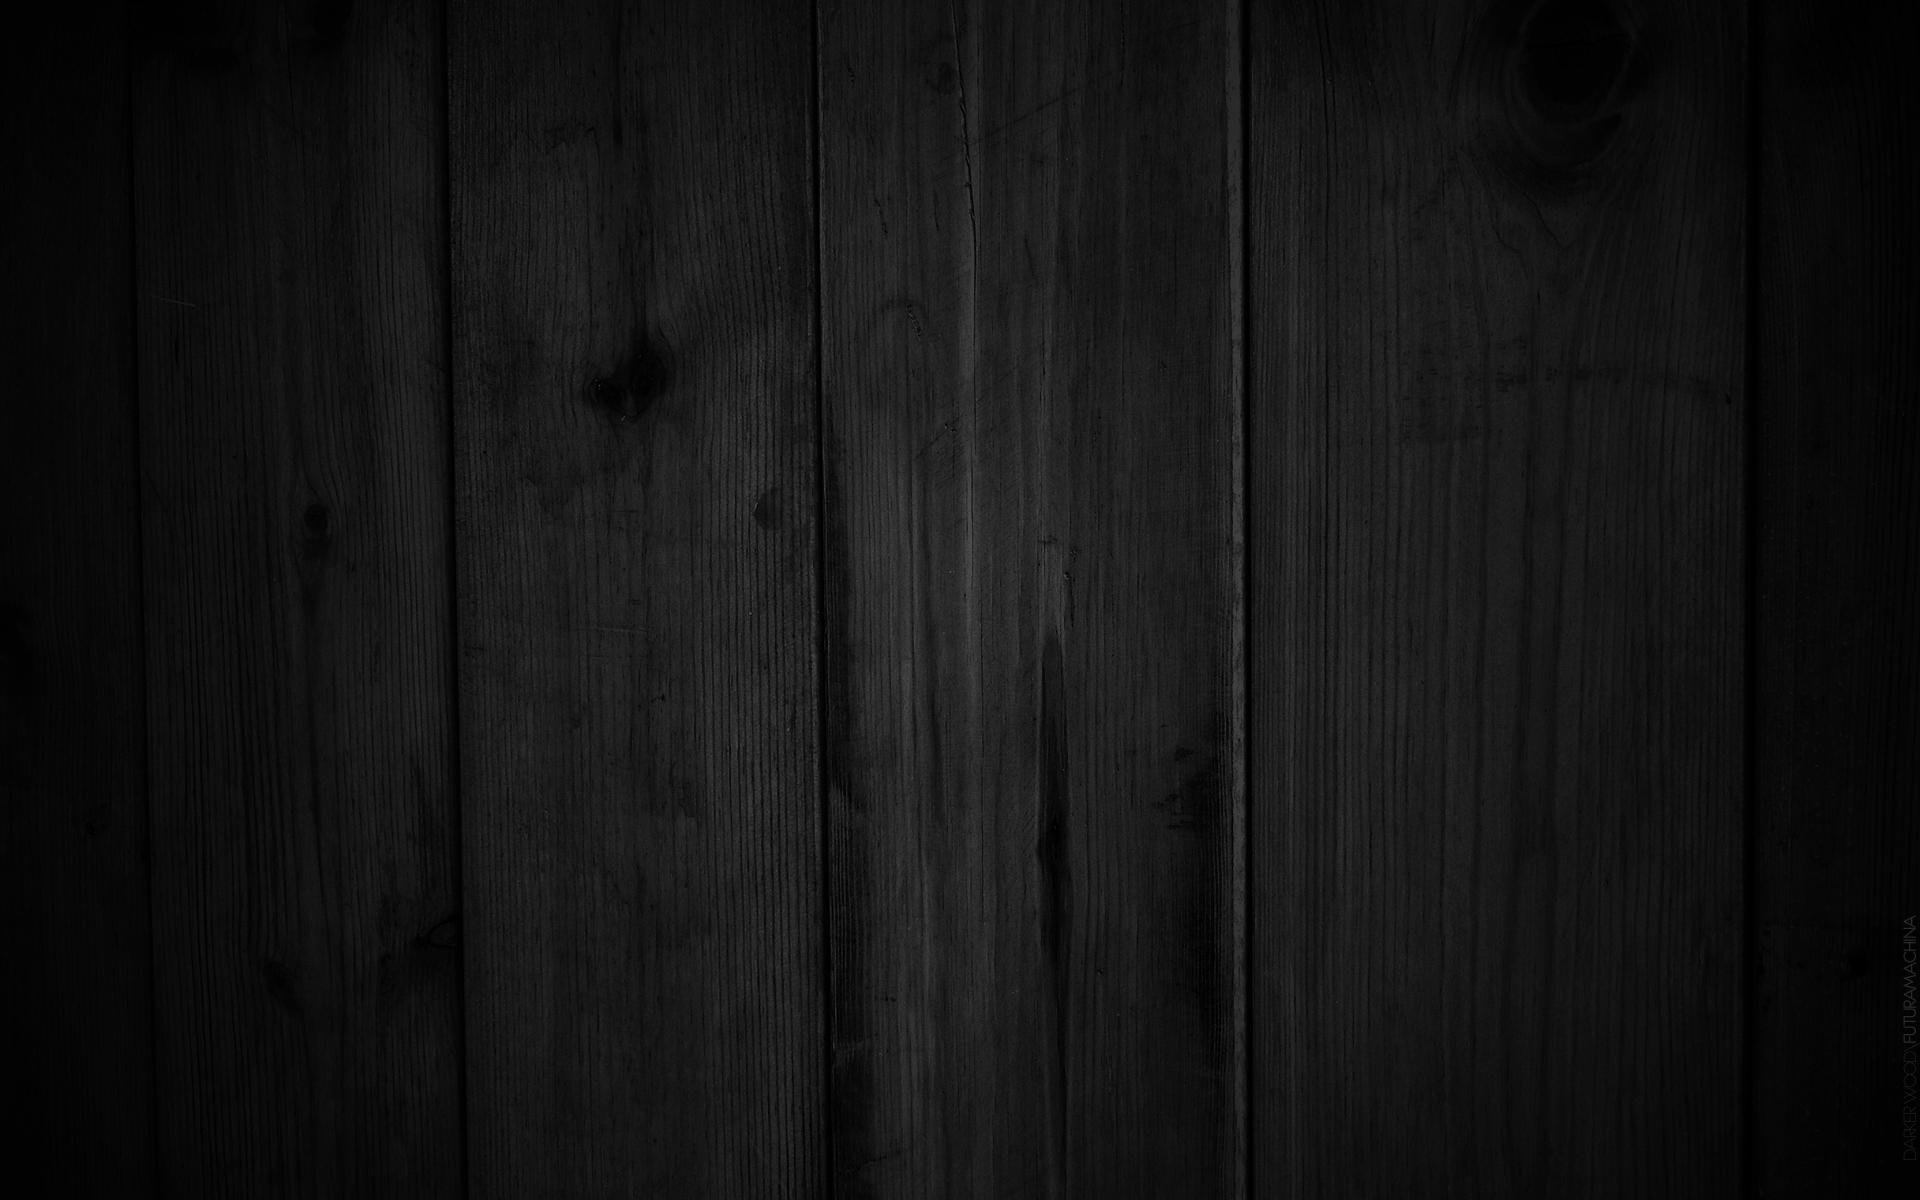 08_10_07_darker_wood_1920x1200.jpg